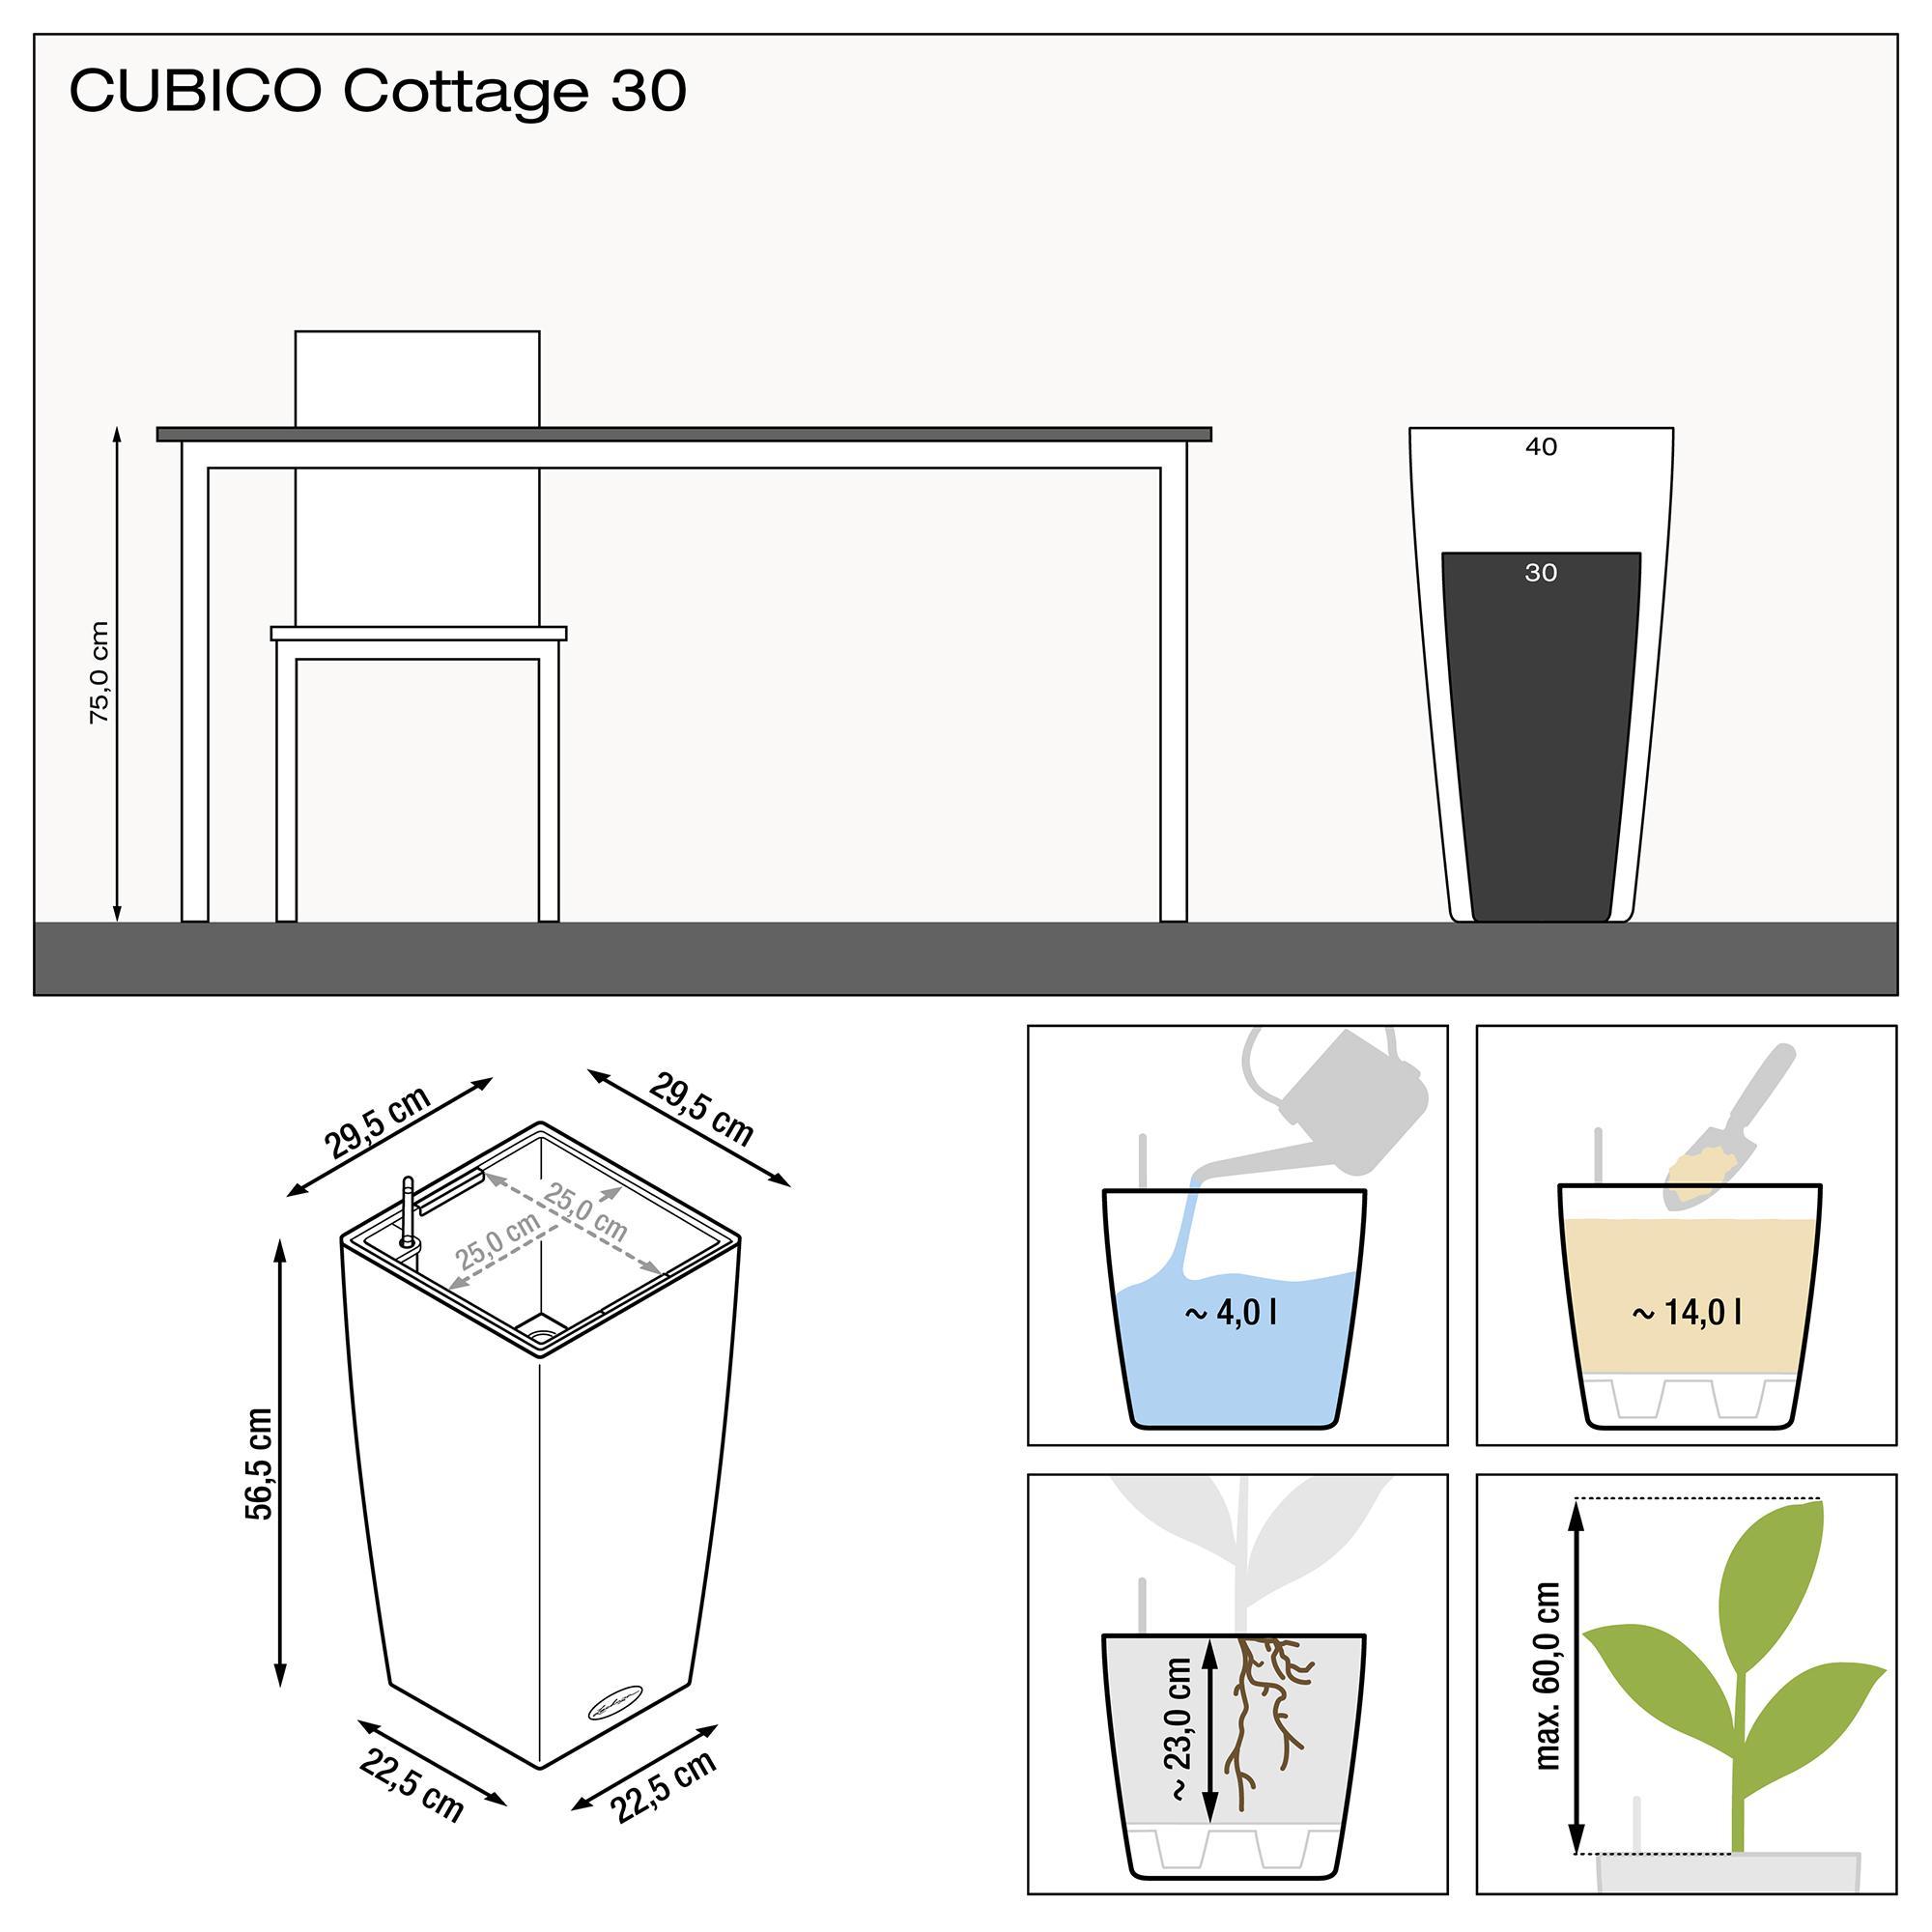 CUBICO Cottage 30 granit - Bild 3